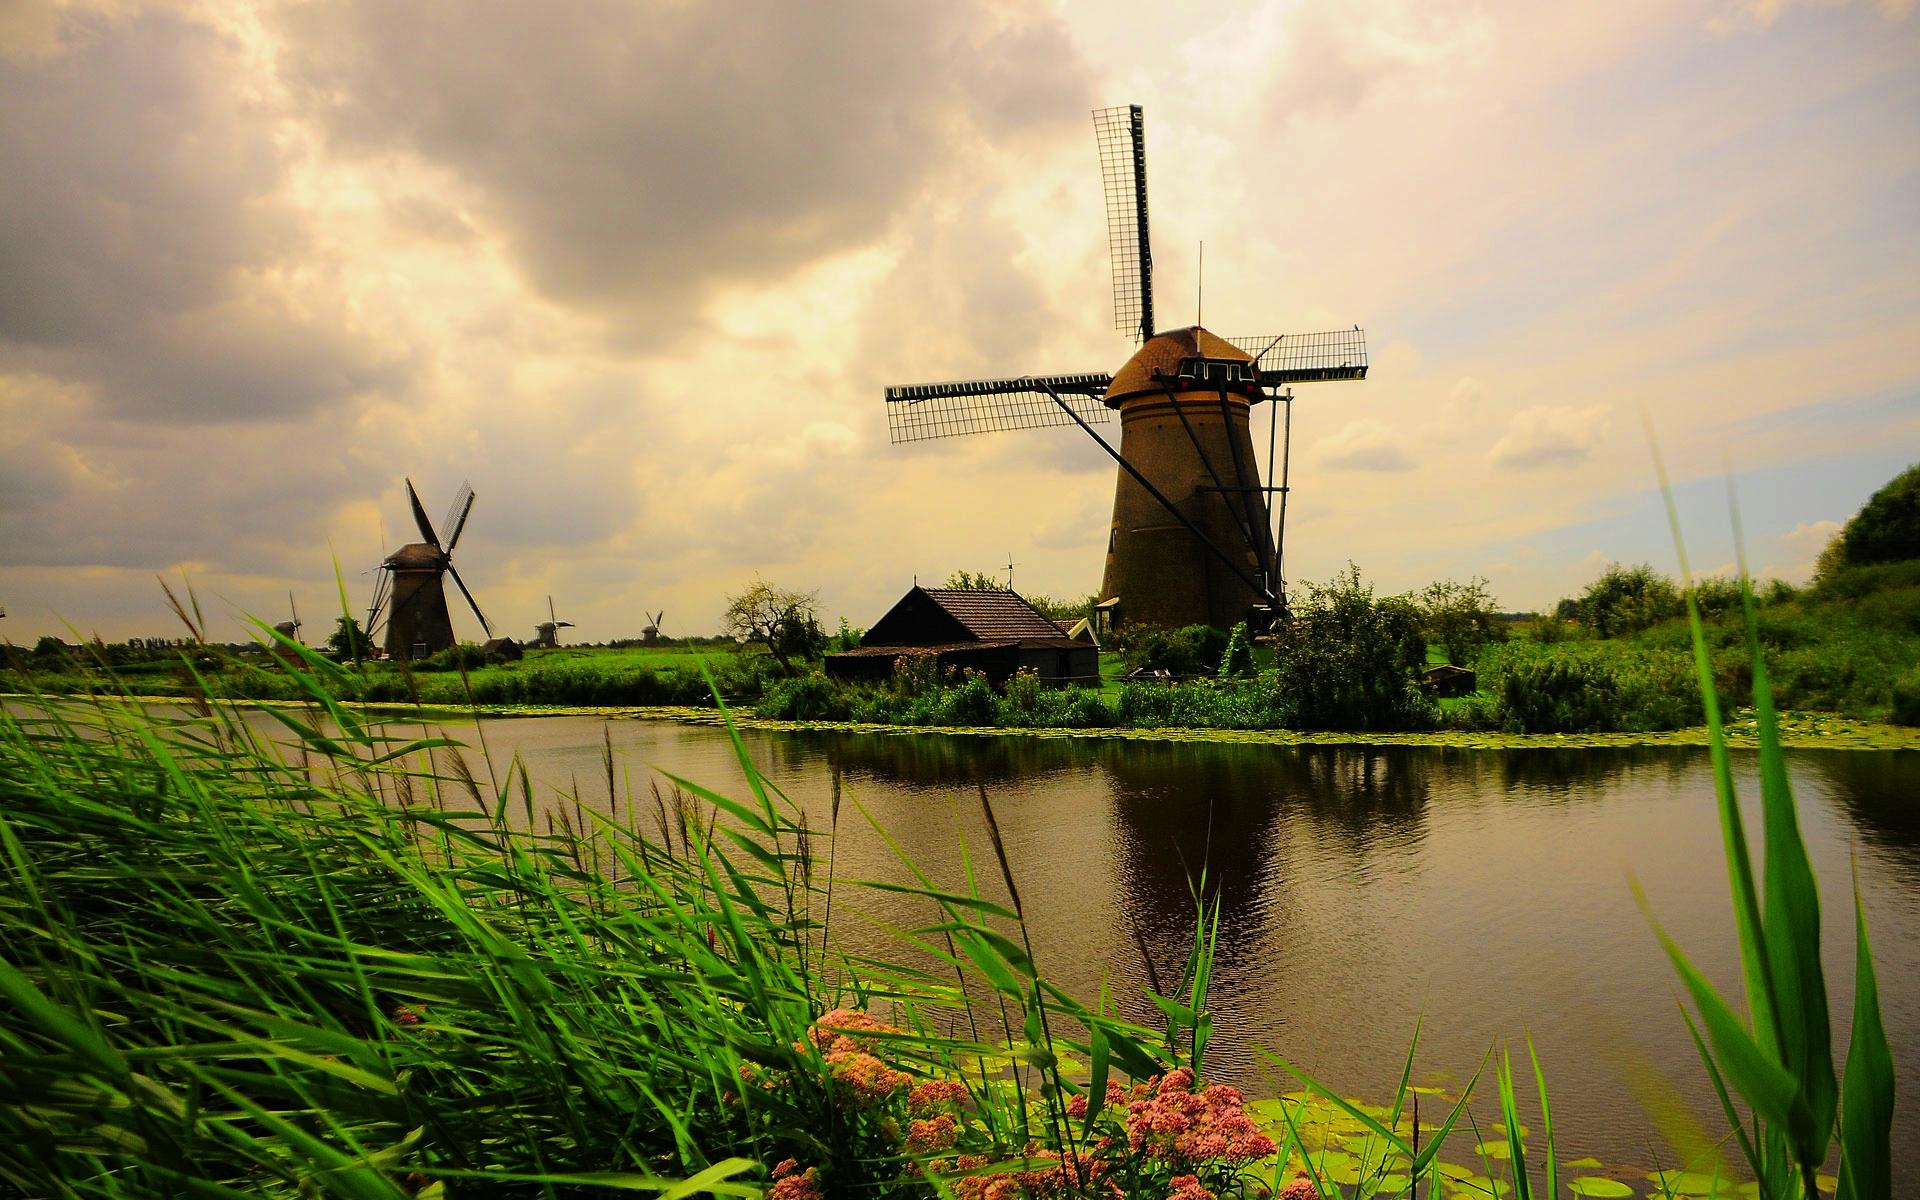 Windmill Wallpapers Hd Jpg · Free Windmill Wallpaper